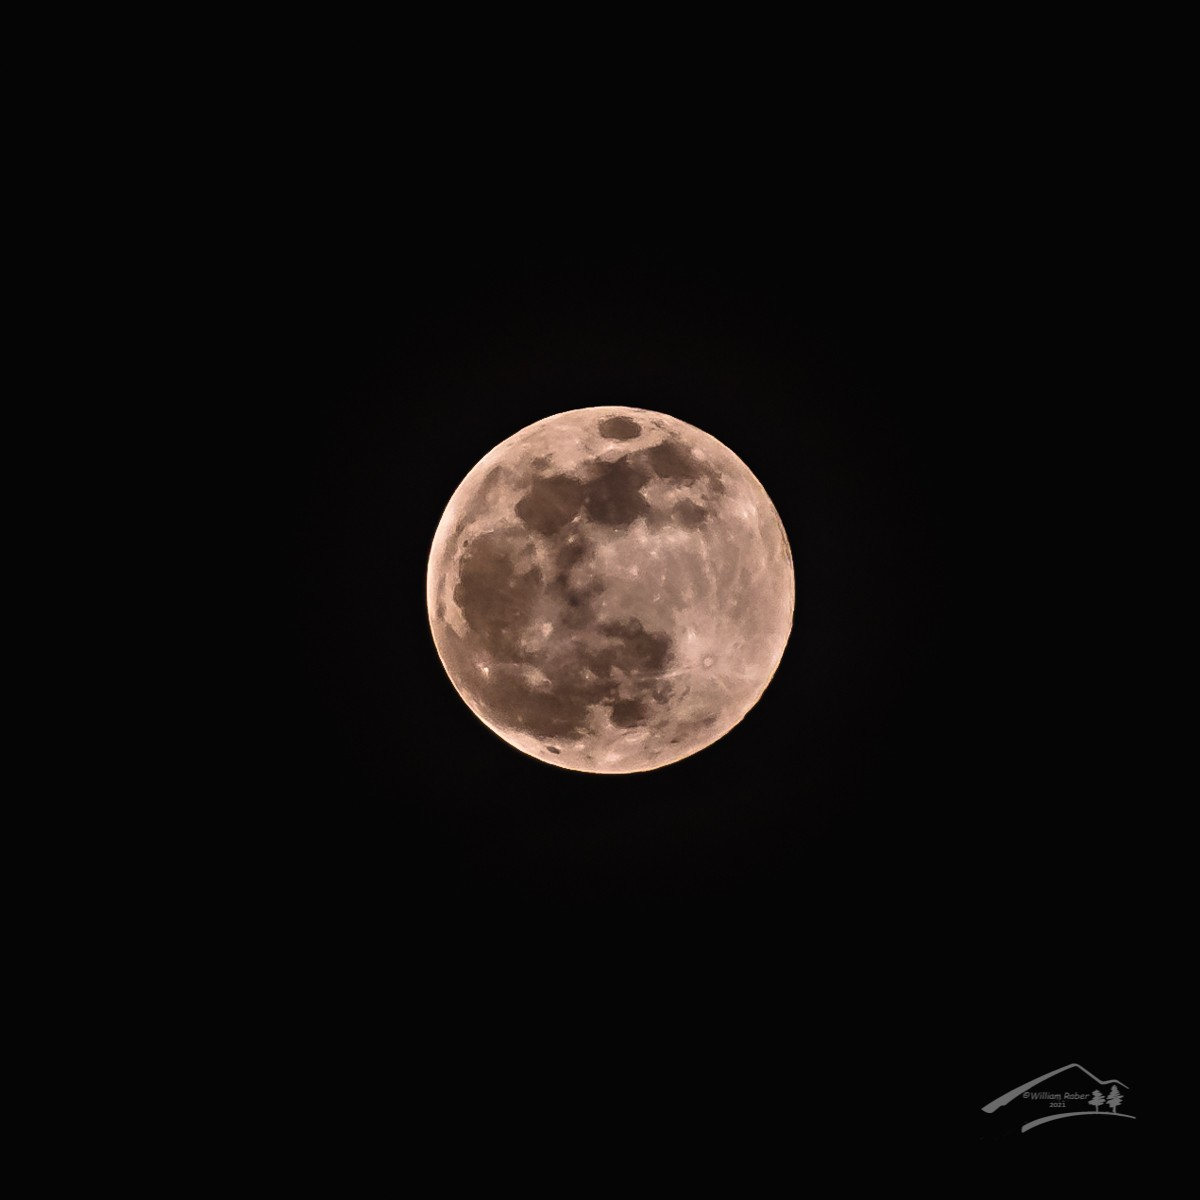 April 2021 super moon20210426_4238.jpg